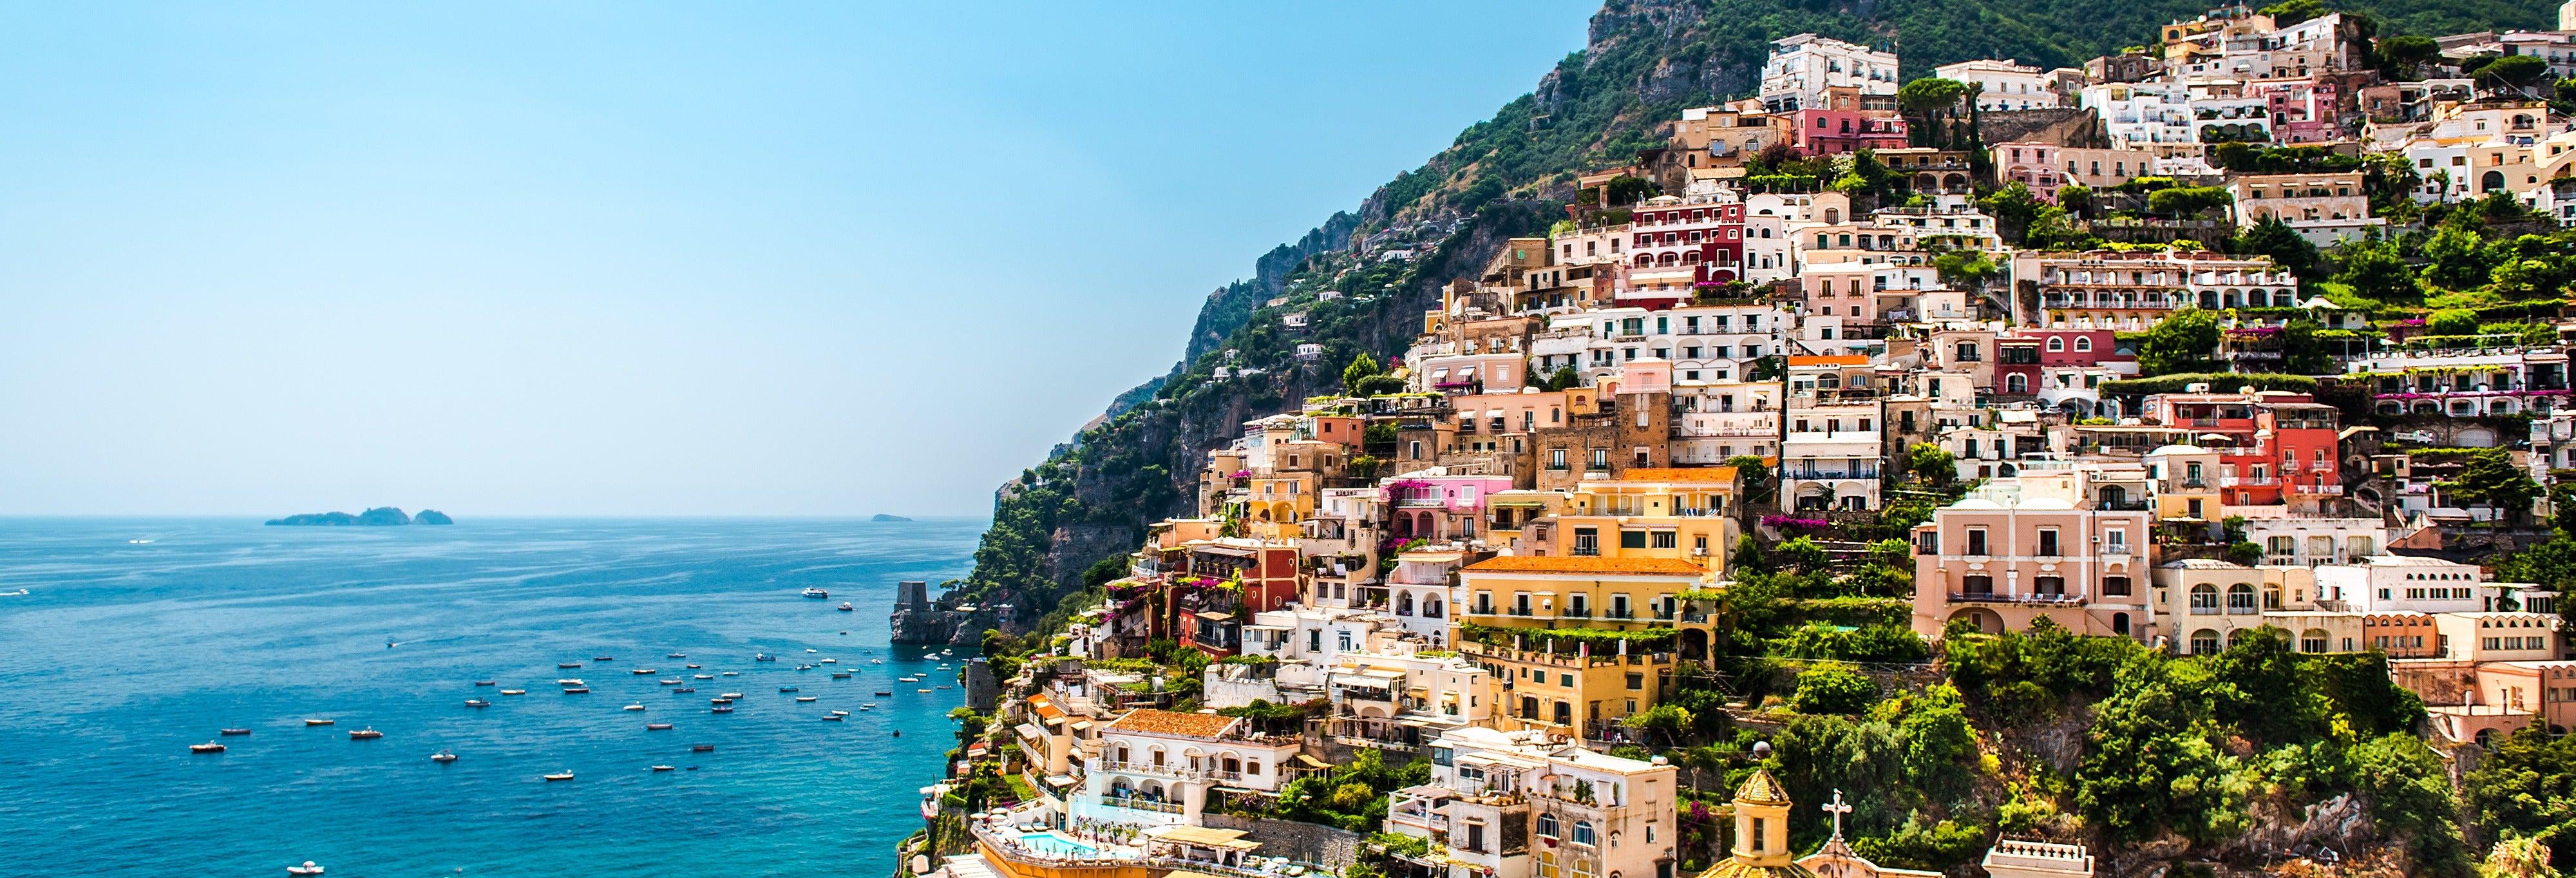 Excursión por la Costa Amalfitana